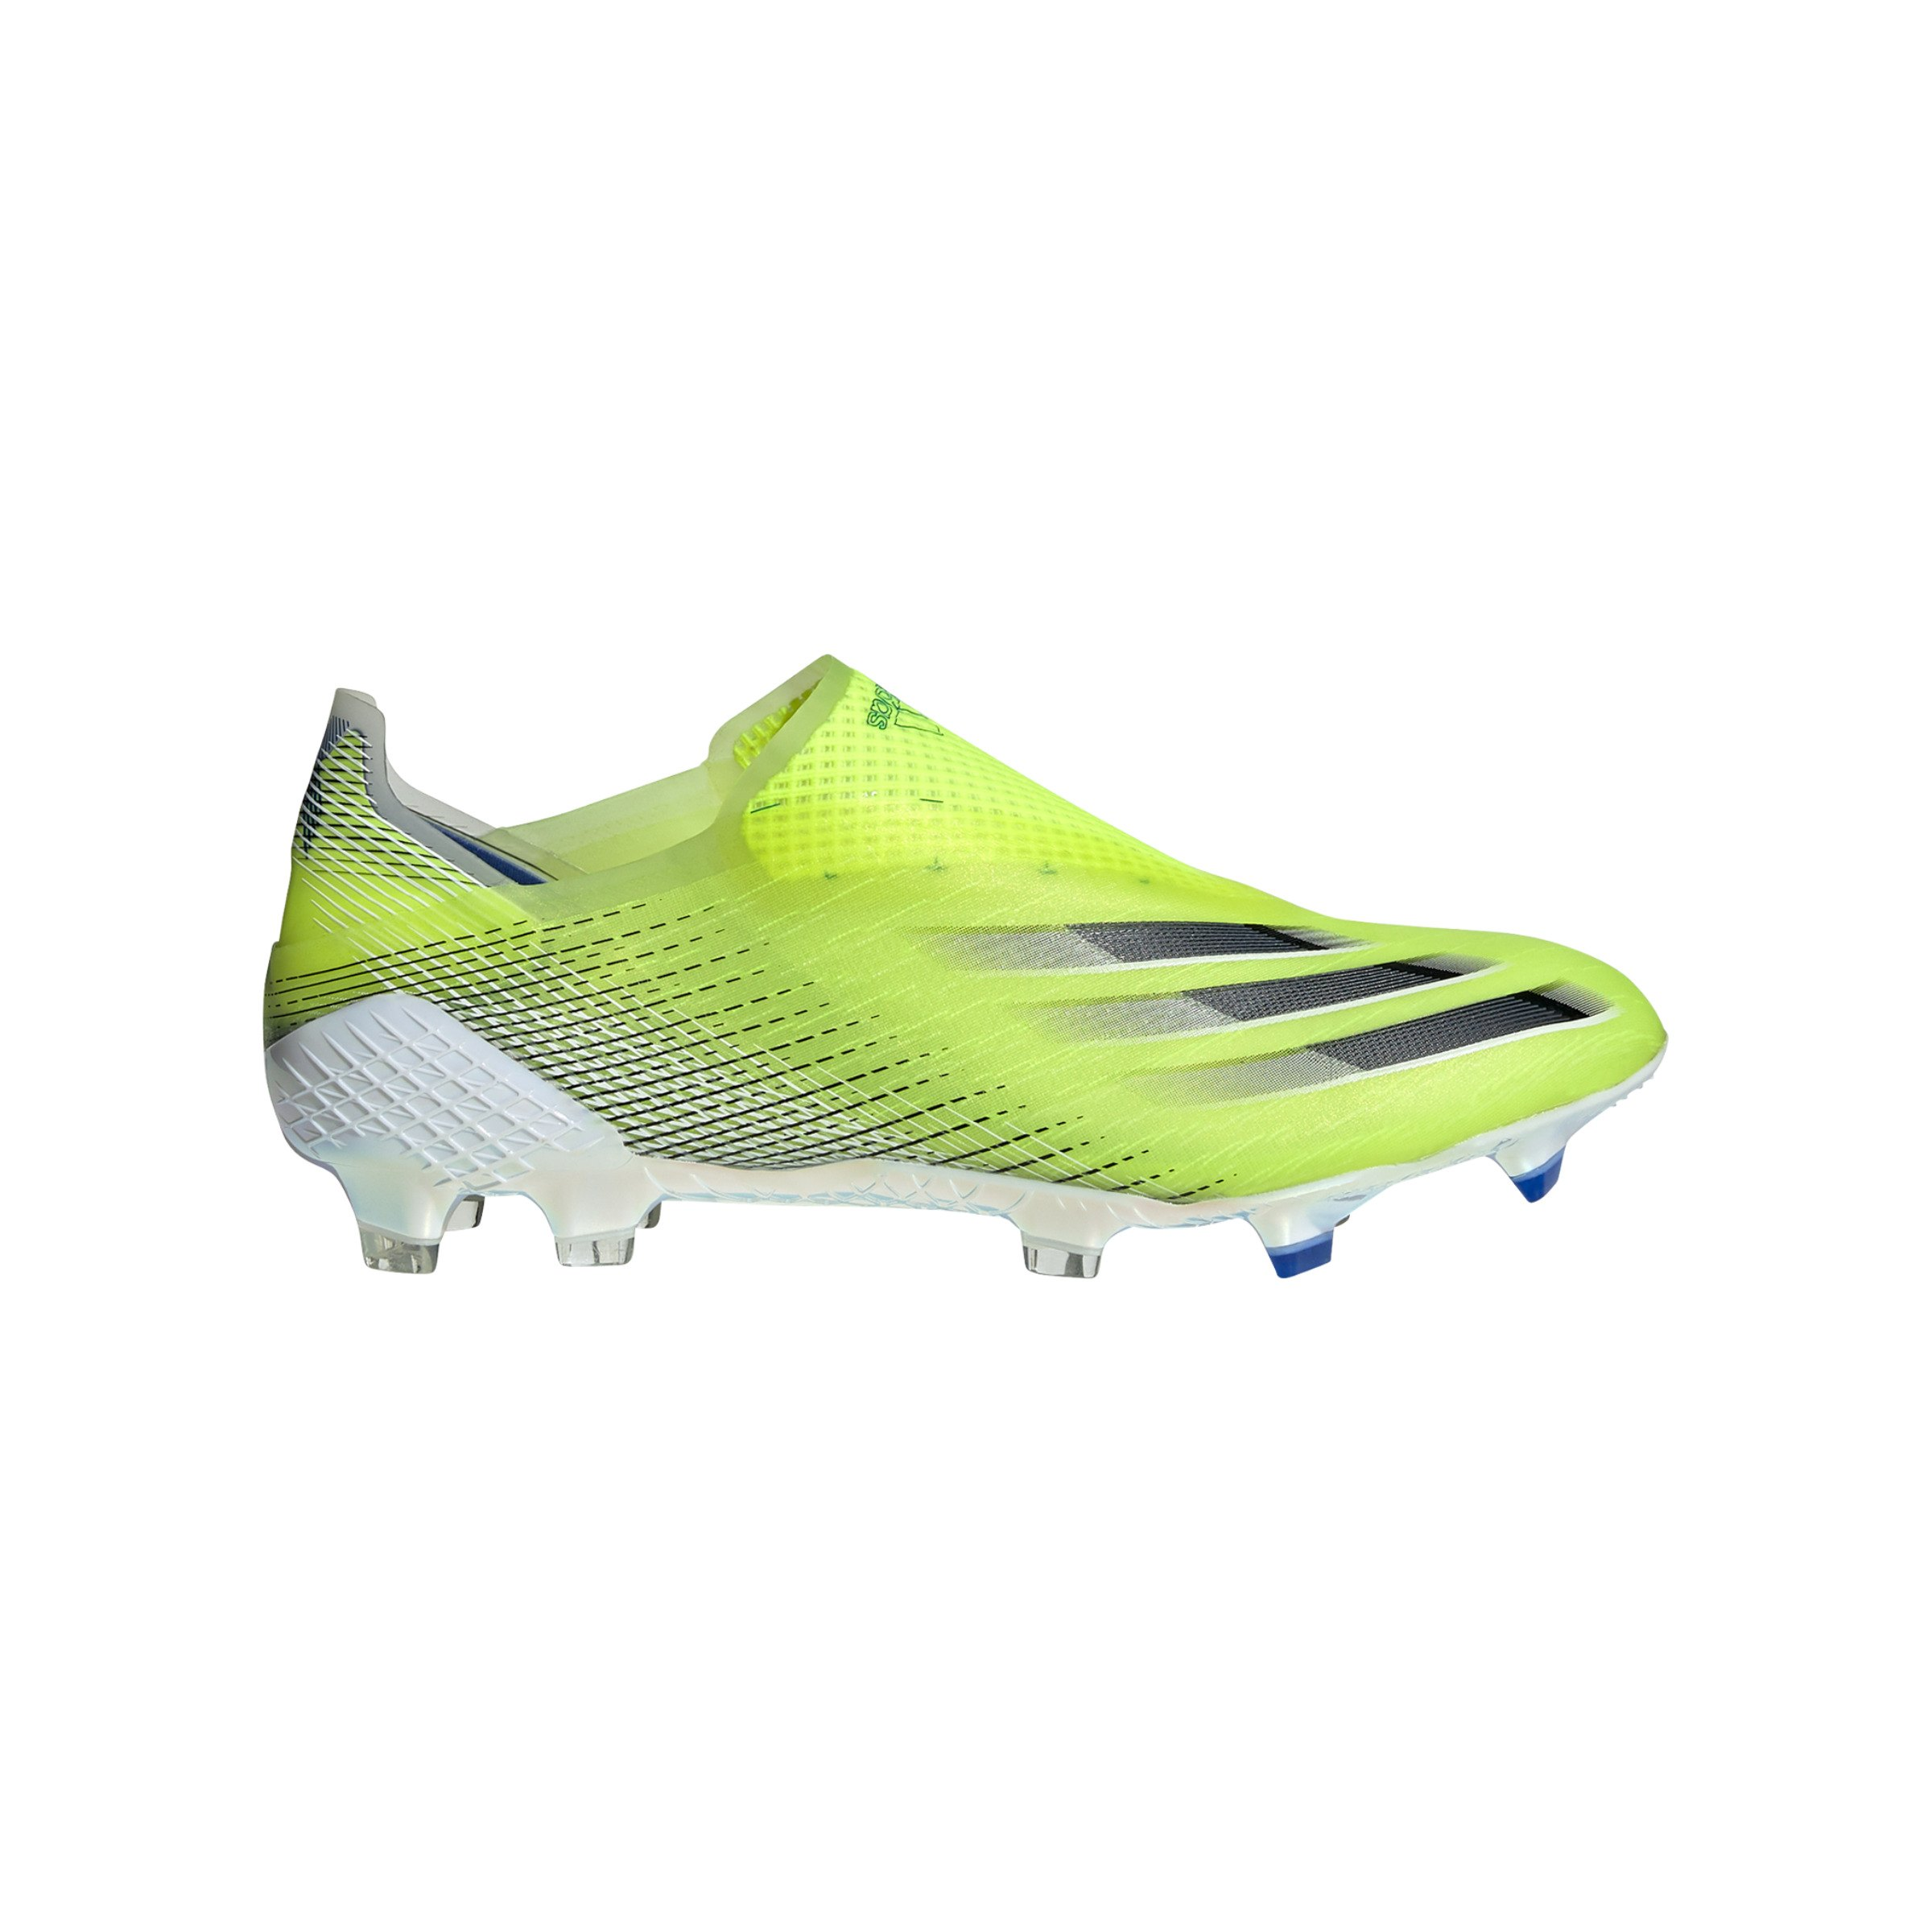 adidas X GHOSTED FG Gelb Schwarz - gelb